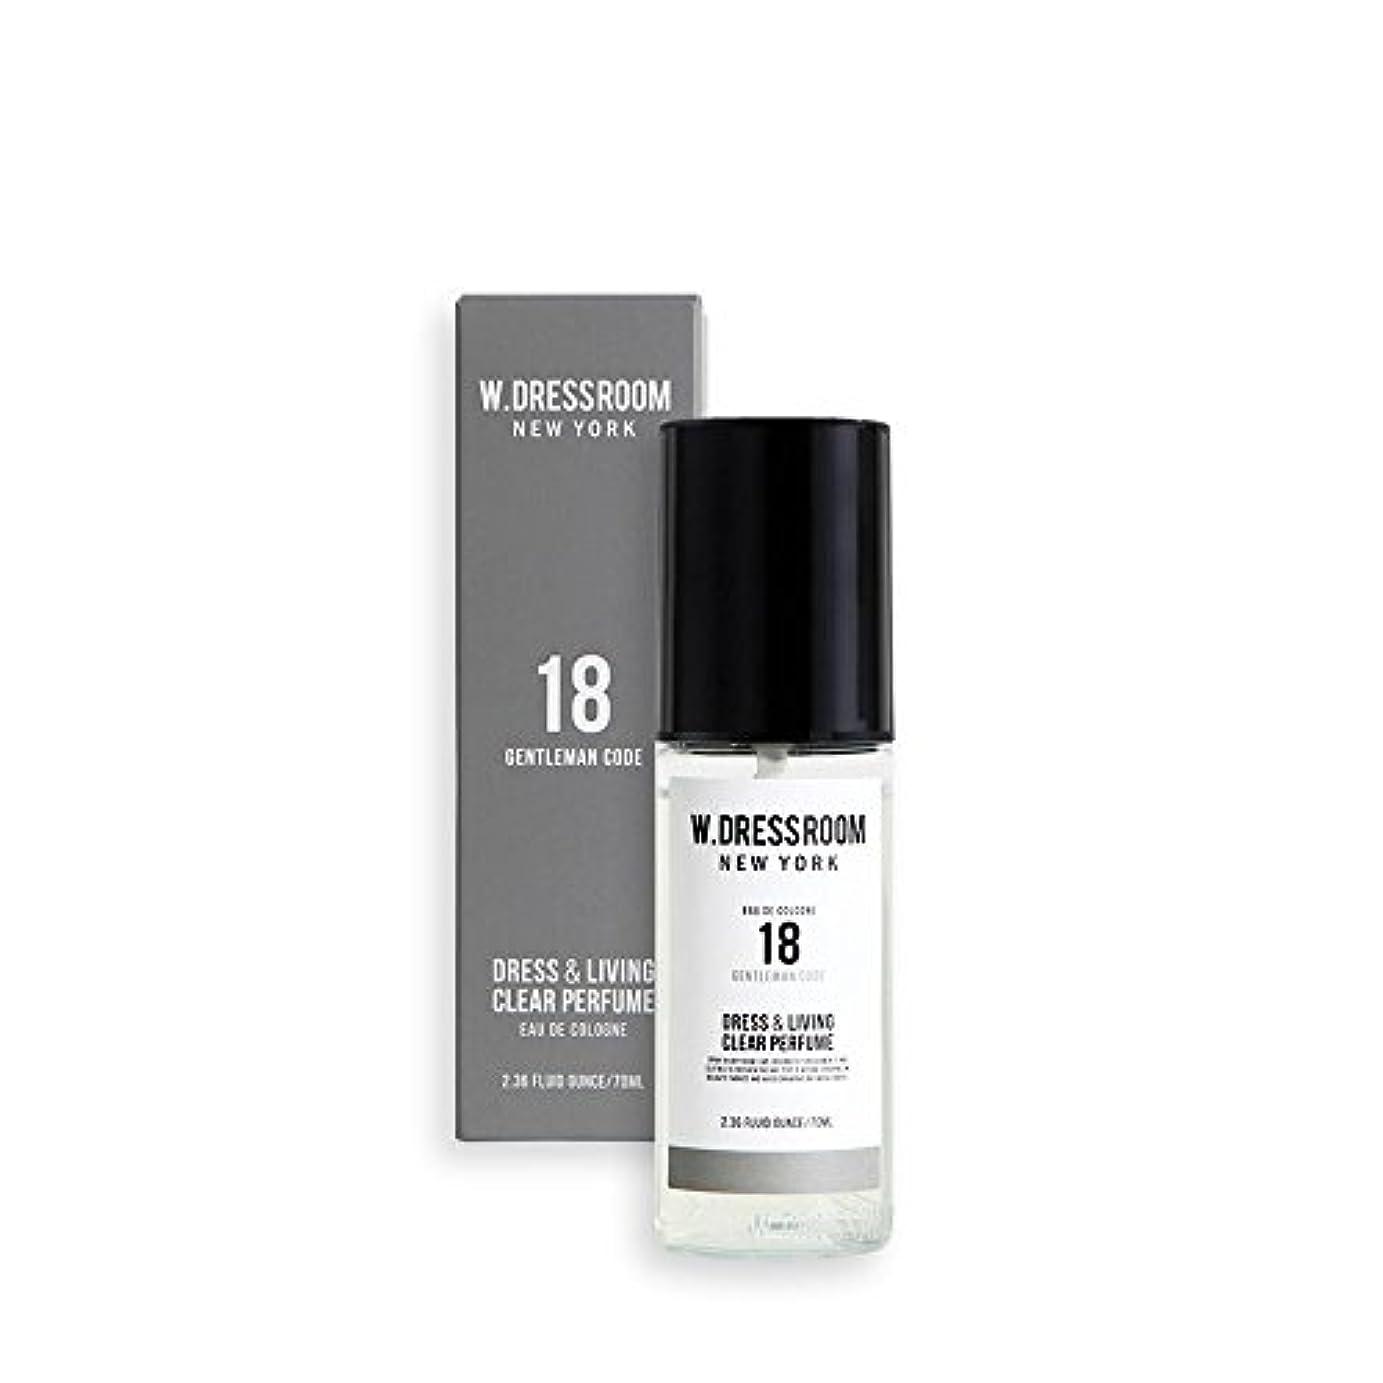 落花生相関する落とし穴W.DRESSROOM Dress & Living Clear Perfume fragrance 70ml (#No.18 Gentleman Code)/ダブルドレスルーム ドレス&リビング クリア パフューム 70ml (#No.18 Gentleman Code)